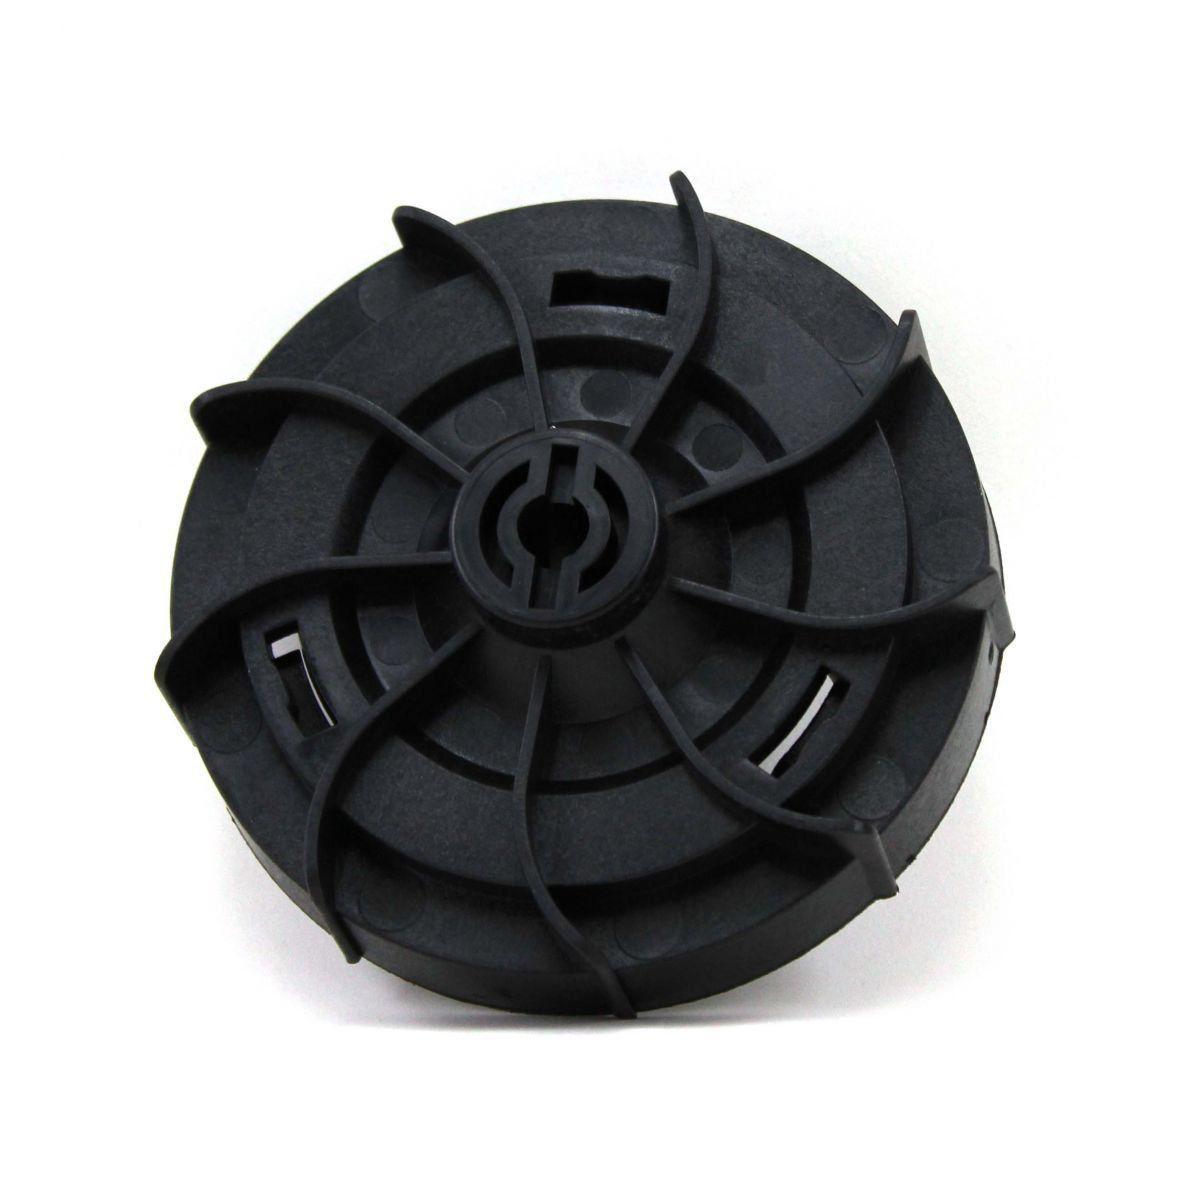 Base Plástica para Carretel dos aparadores de grama elétricos Trapp master 500, 700, 800, 1000L, 1000 TURBO e Super 800, 1000, 1000 TURBO